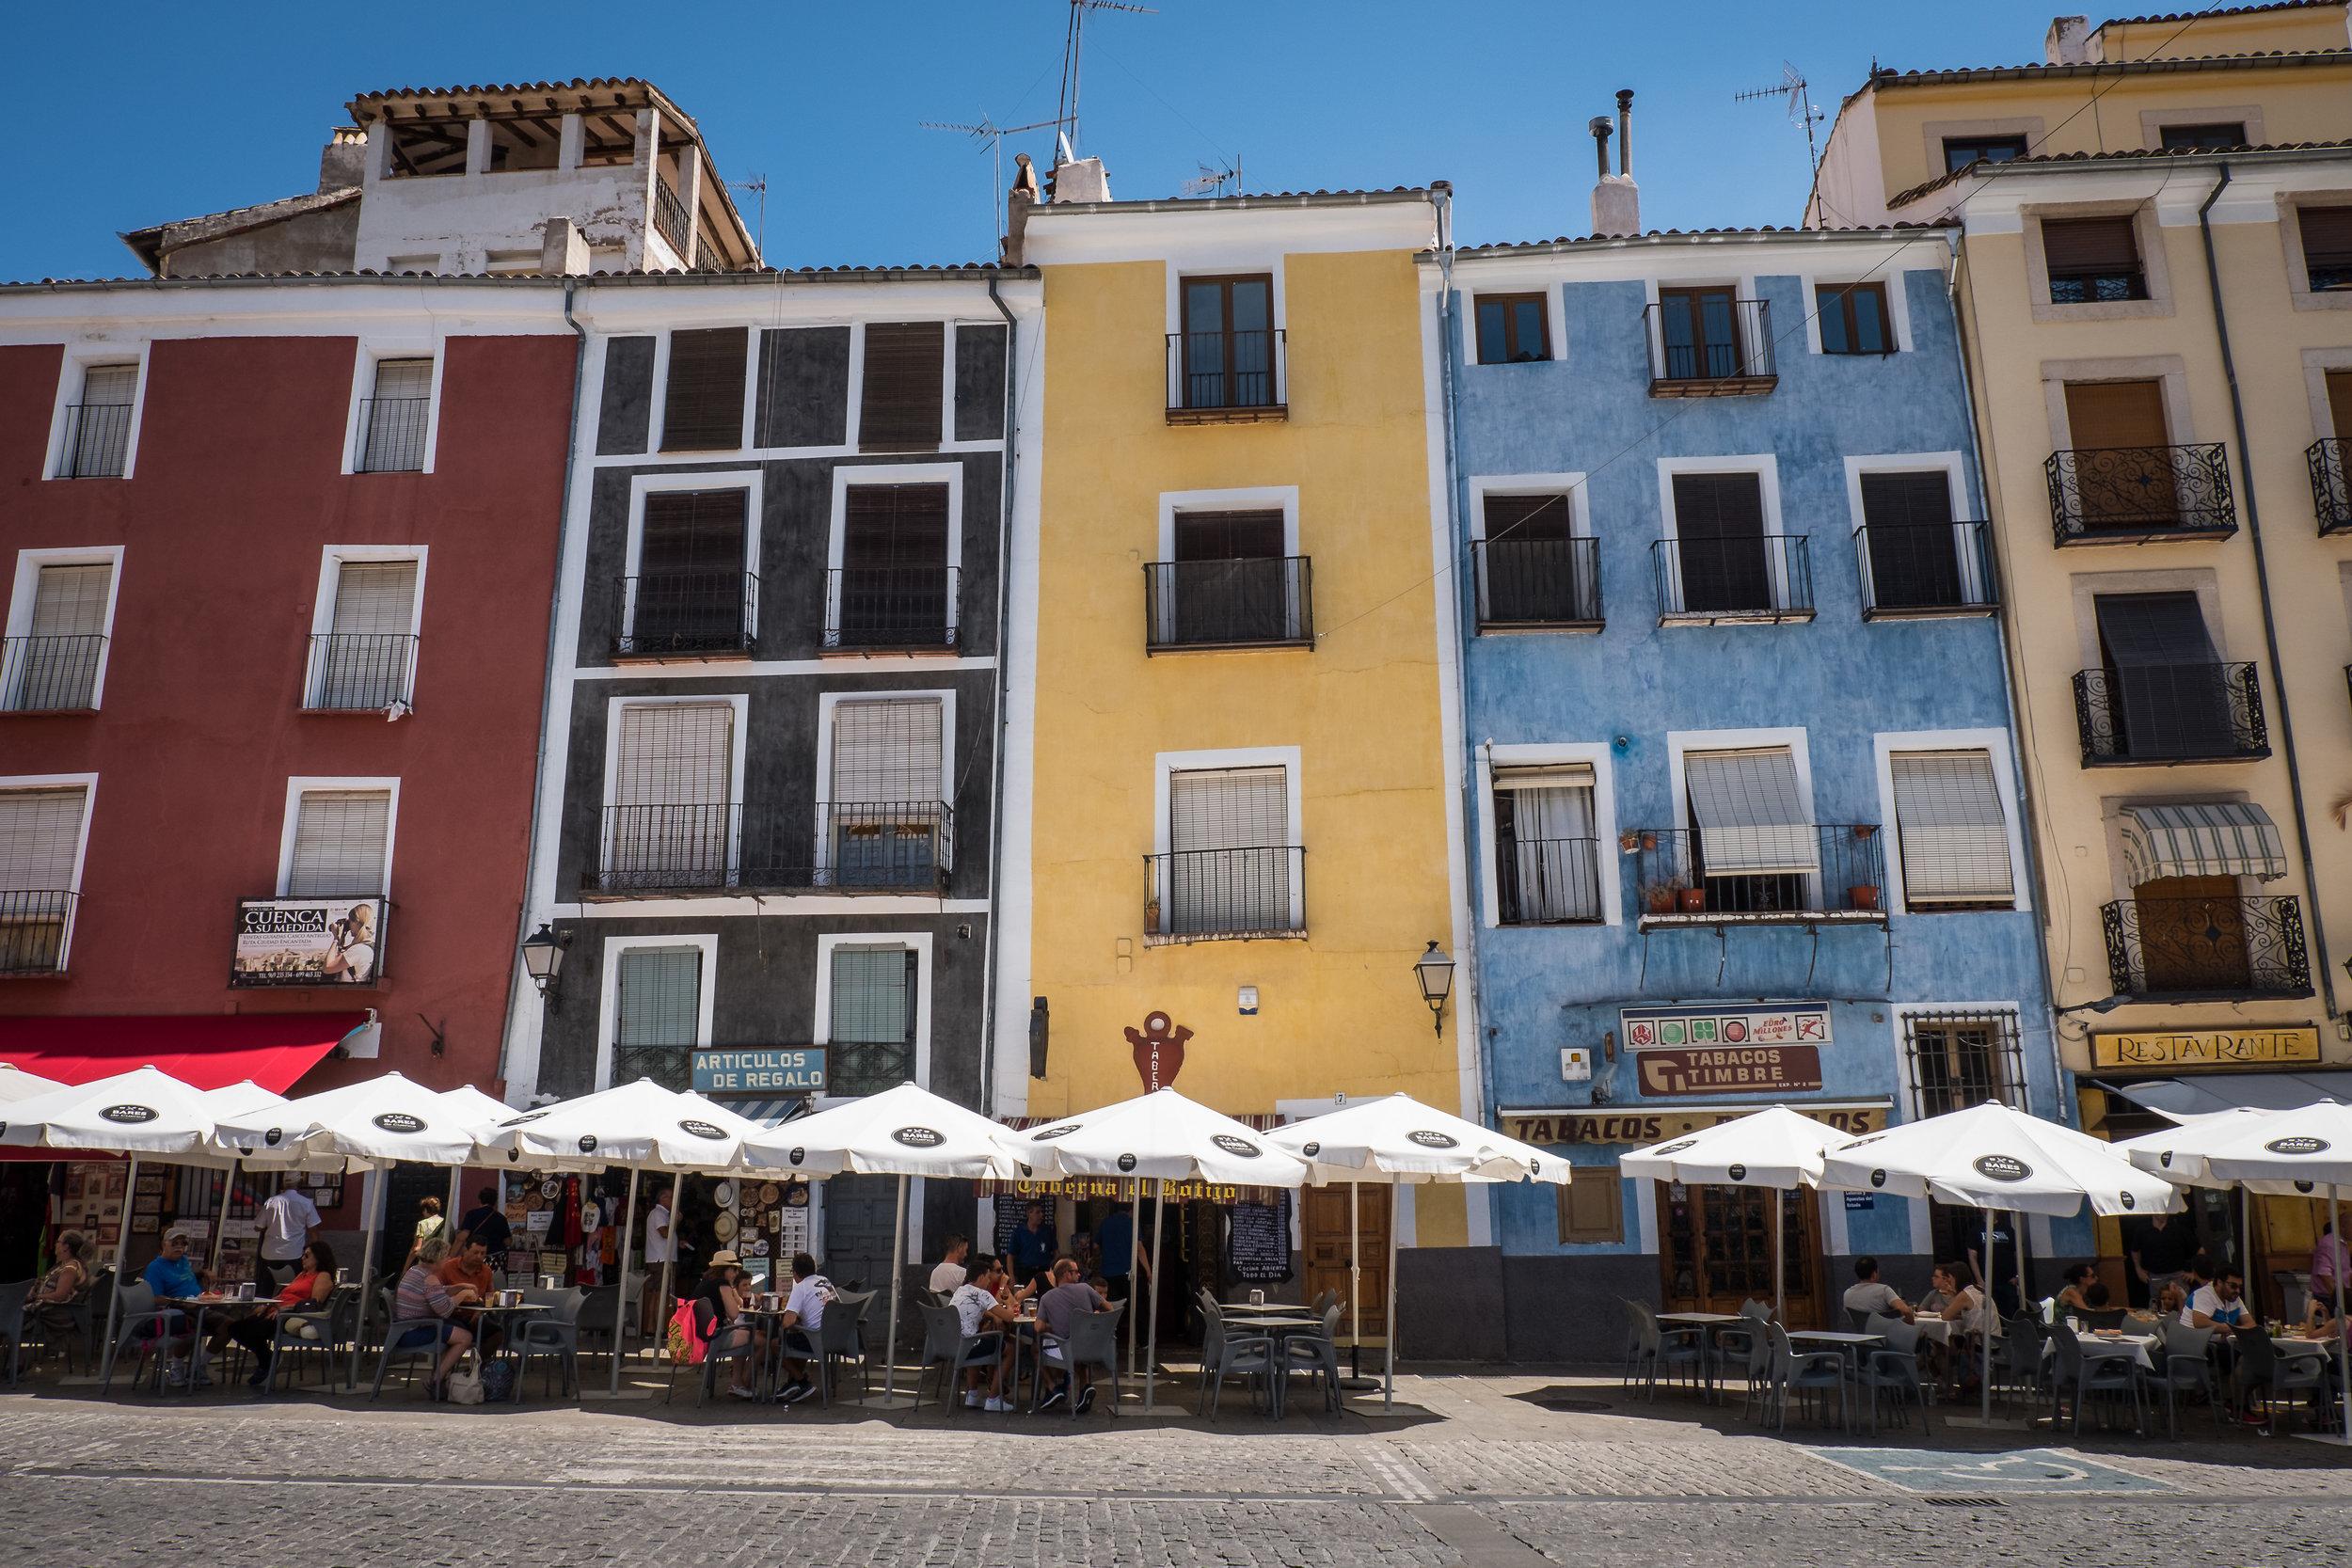 Spain_cuenca2-1.jpg